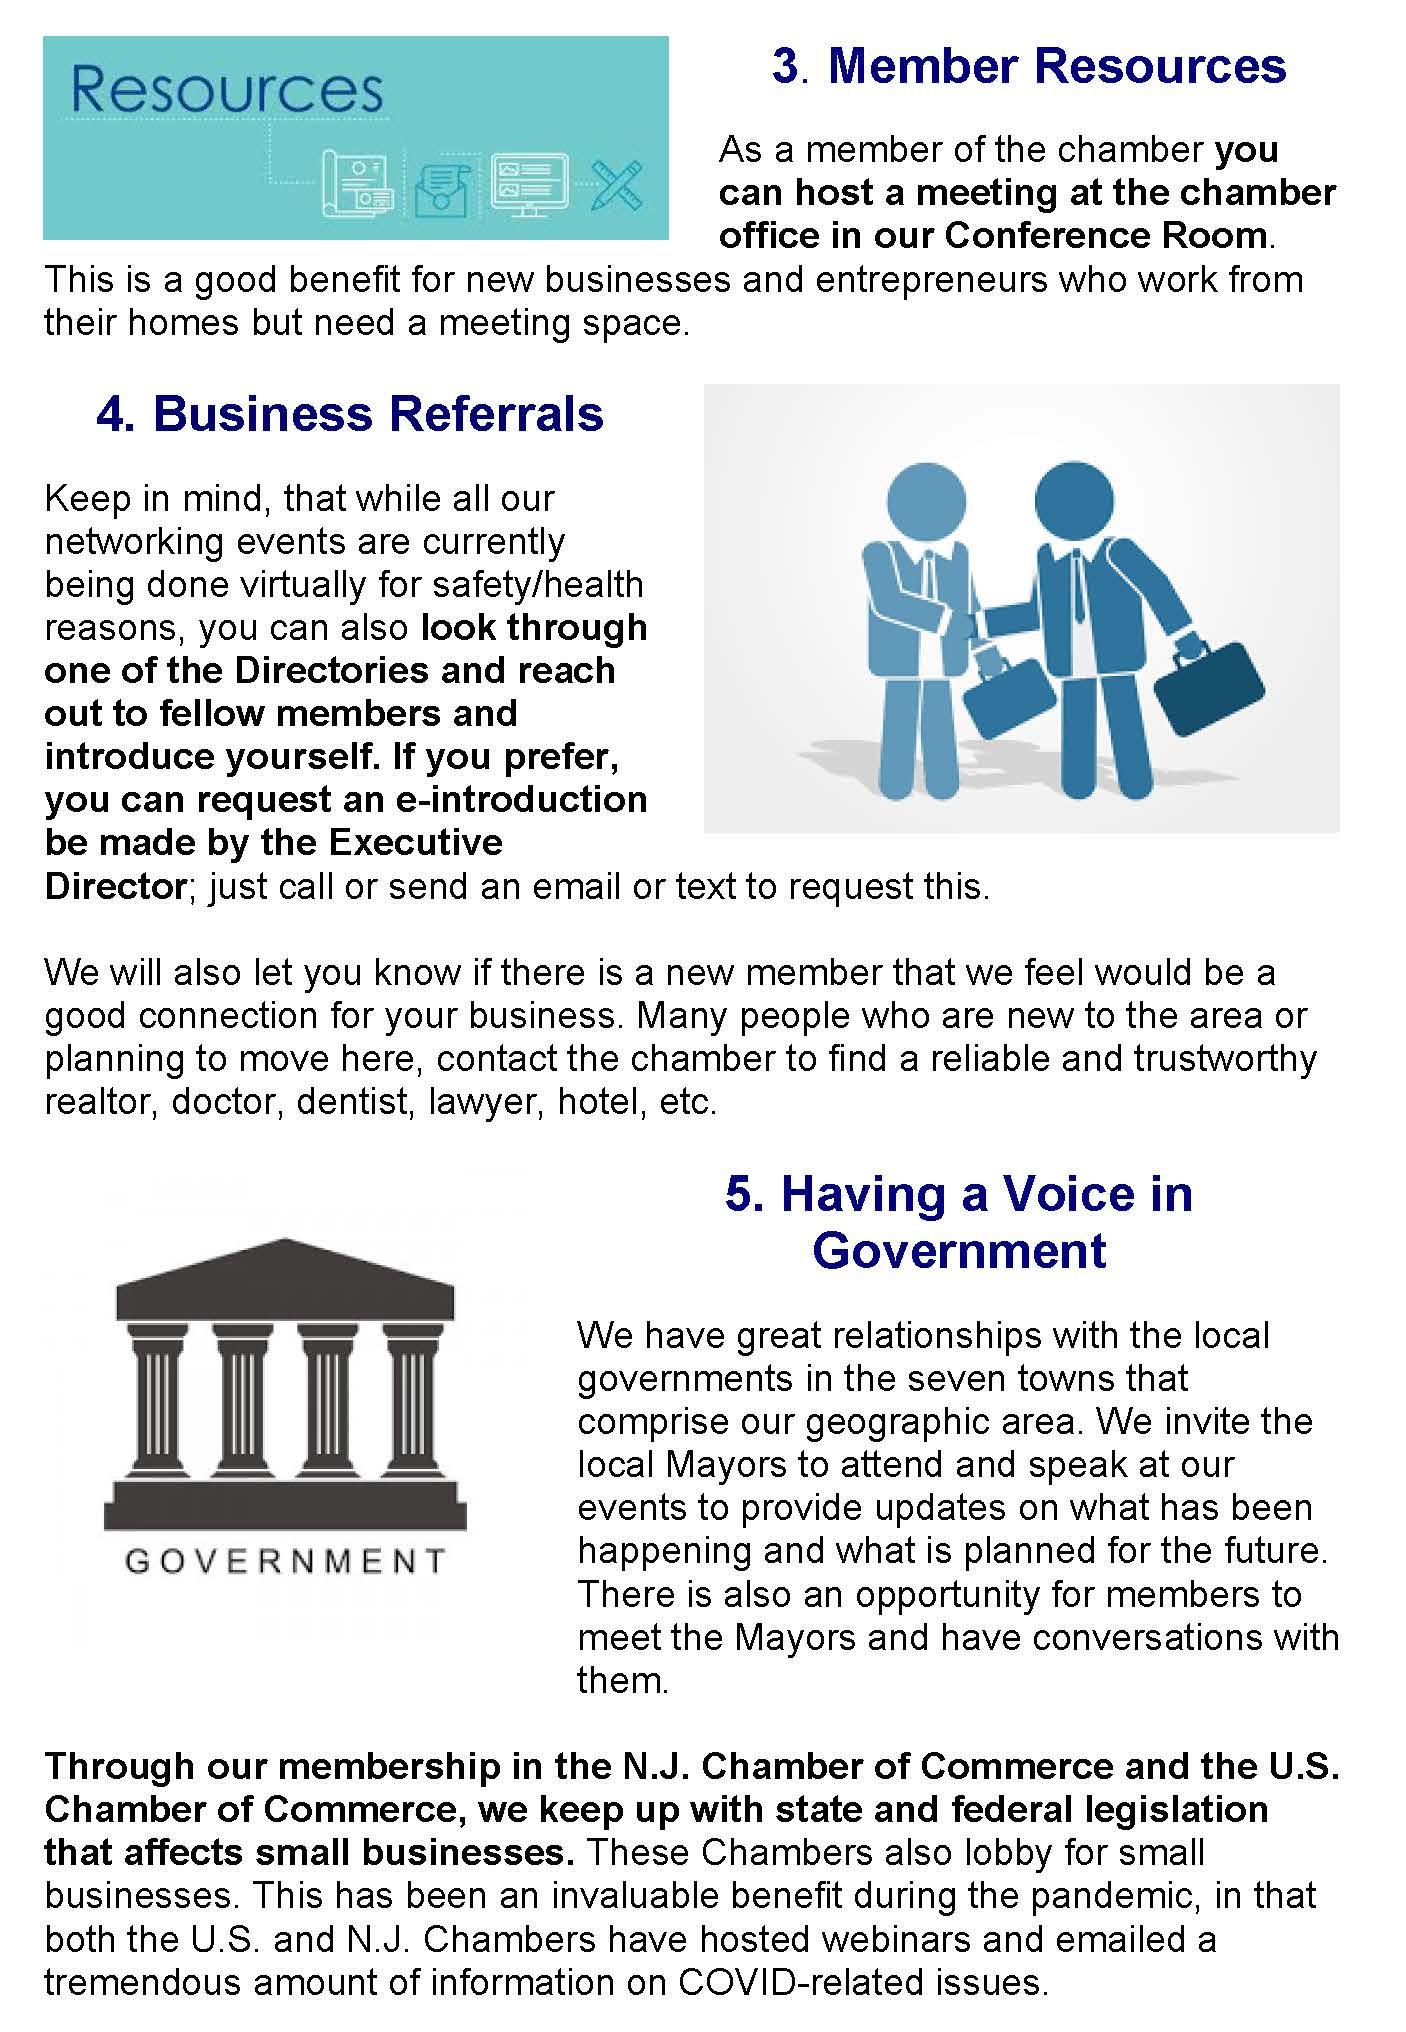 MembershipBenefits-w-icons-v2_Page_2.jpg